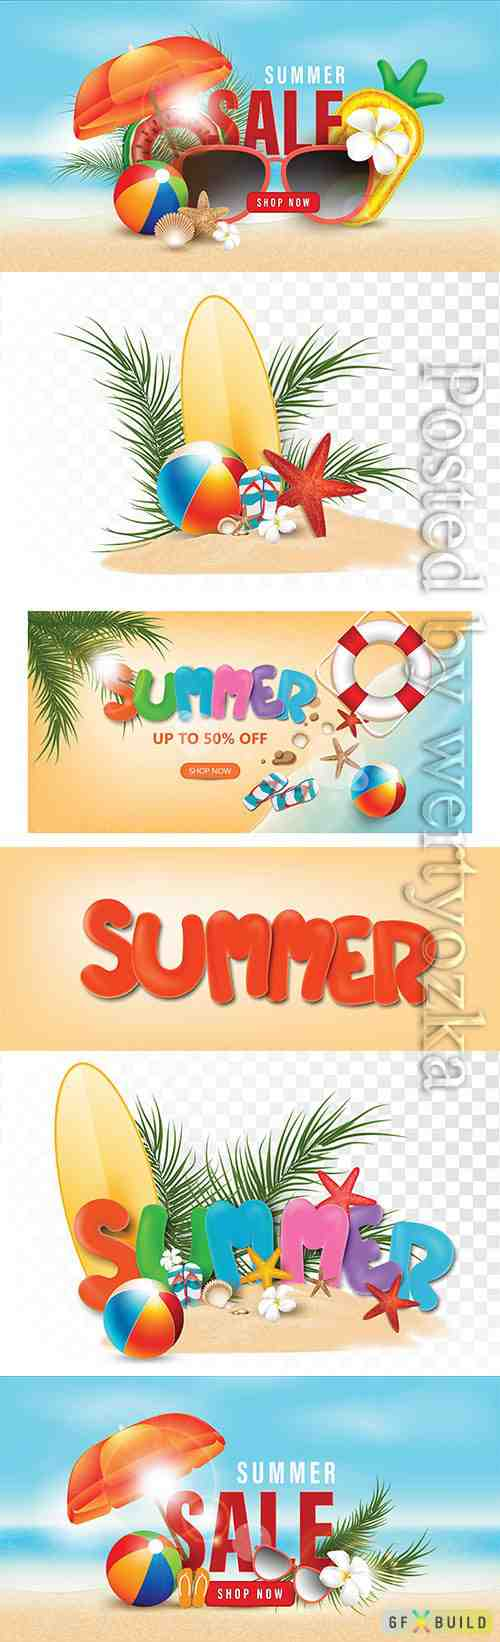 Summer holidays on the beach, vector 3D style